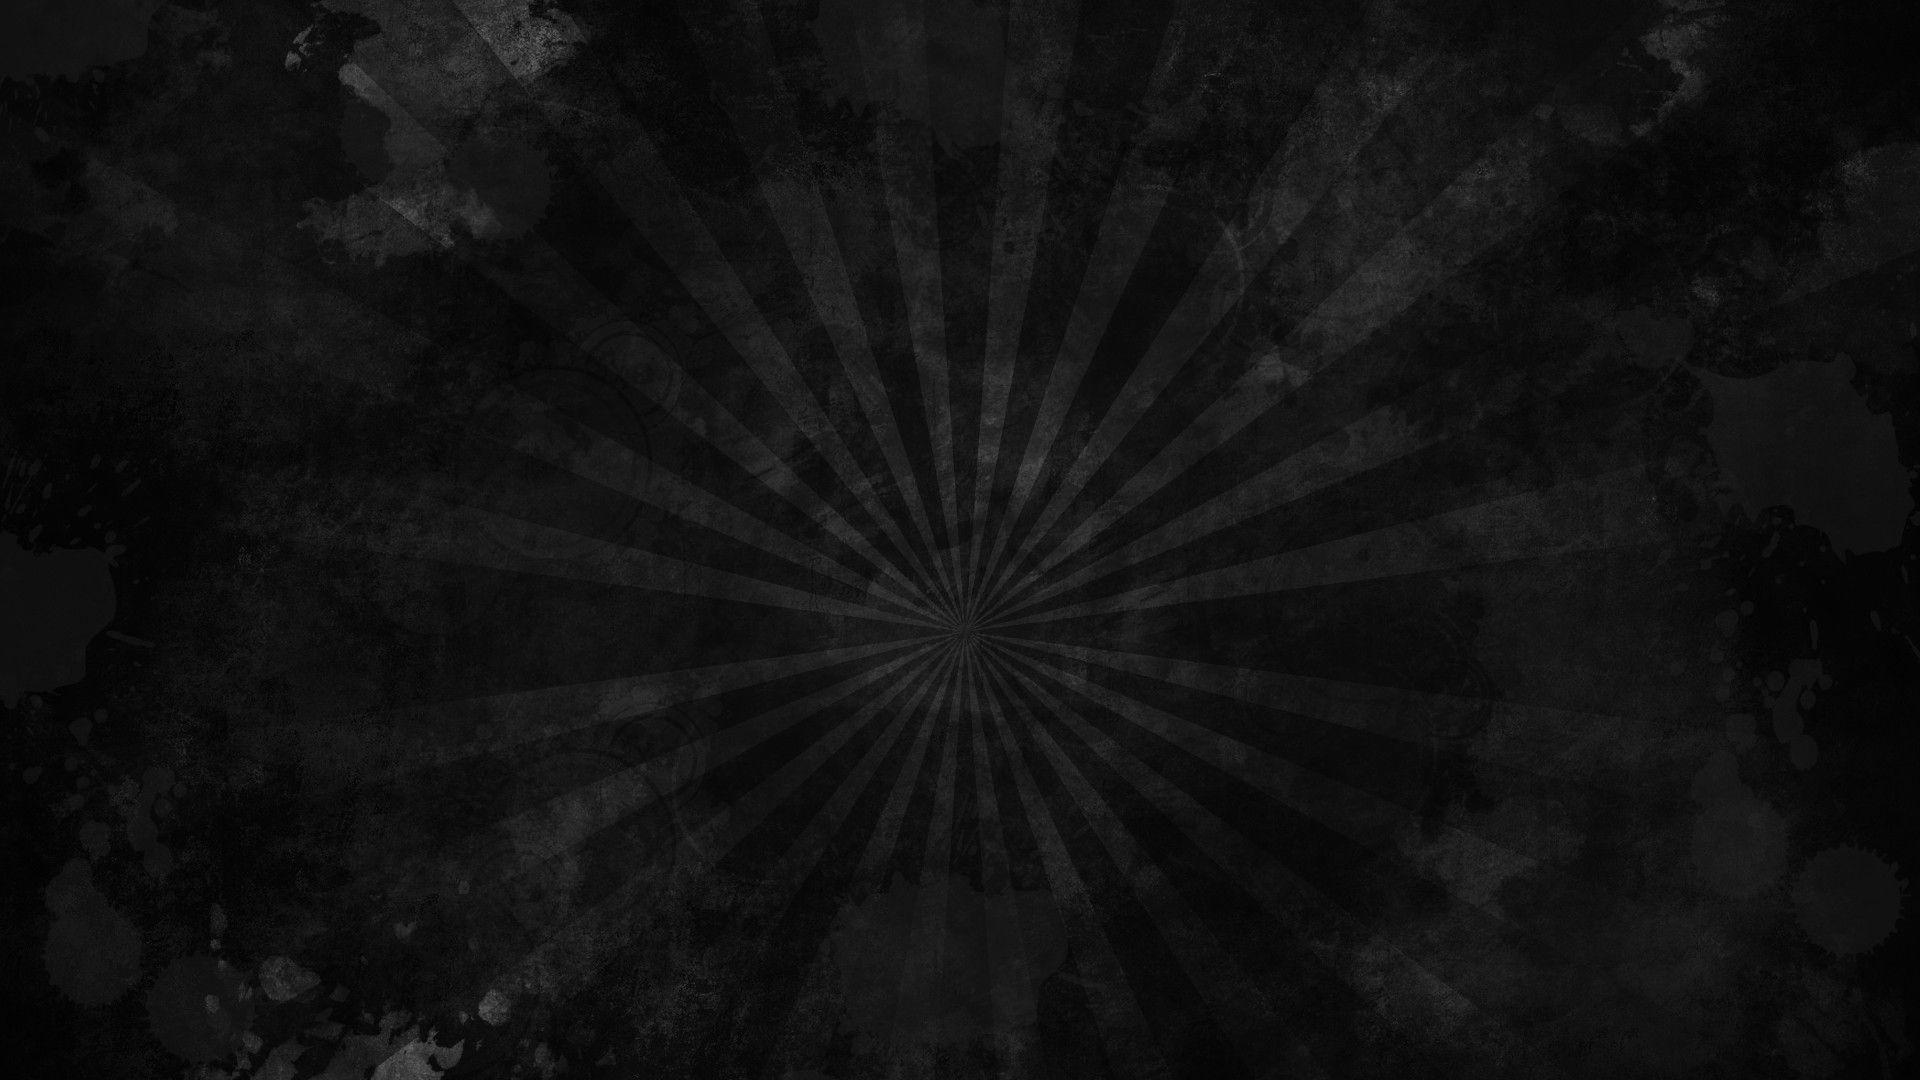 Tumblr Grunge Laptop Wallpapers Top Free Tumblr Grunge Laptop